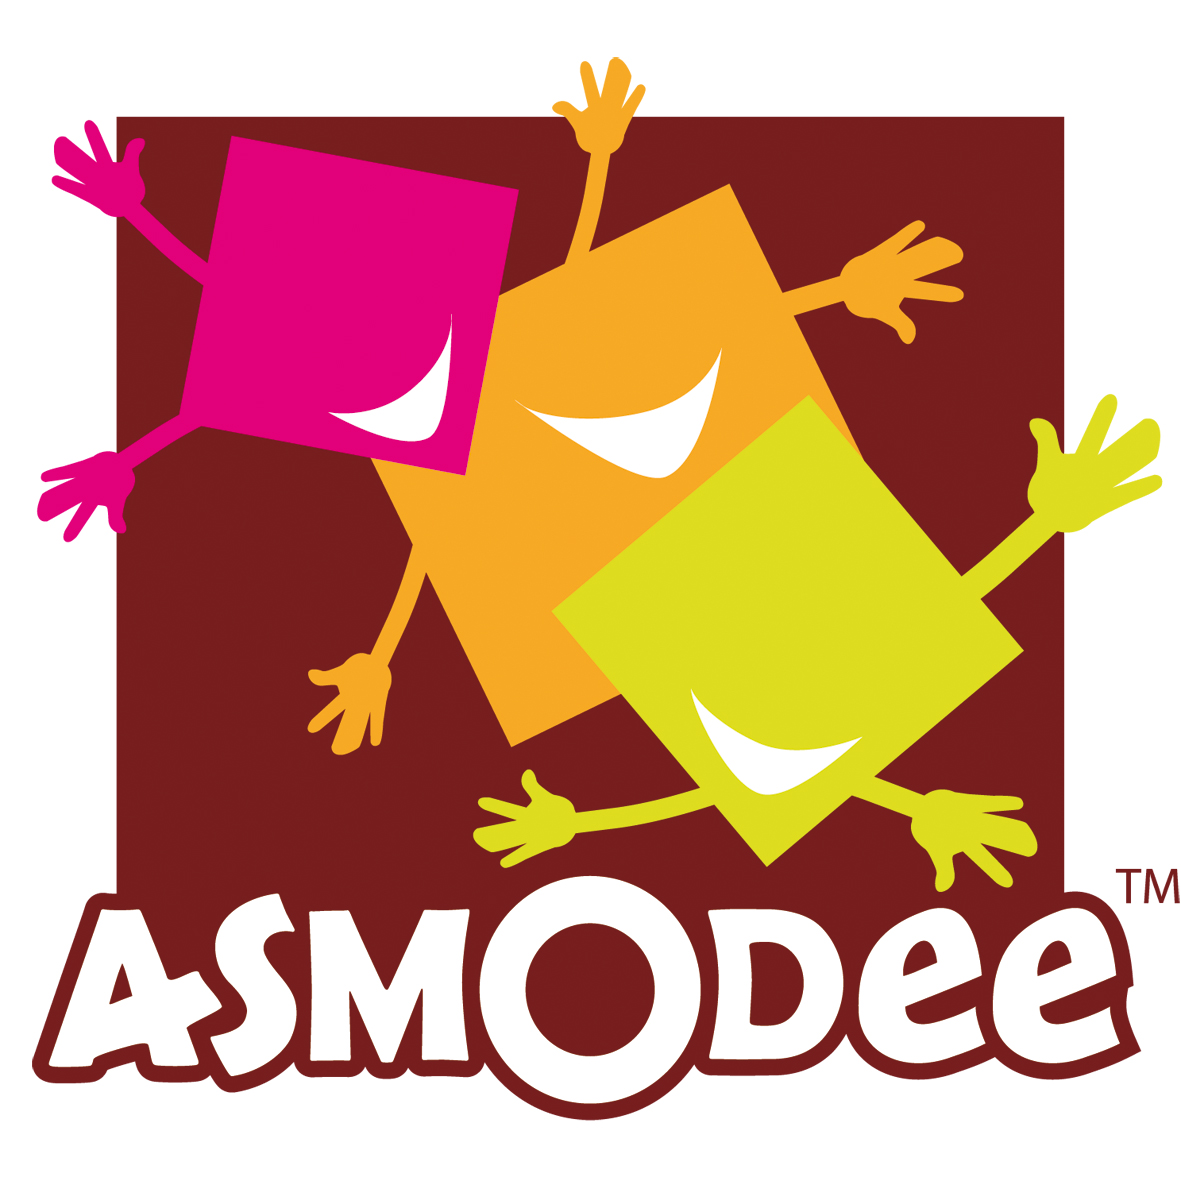 asmodee-logo1.jpeg